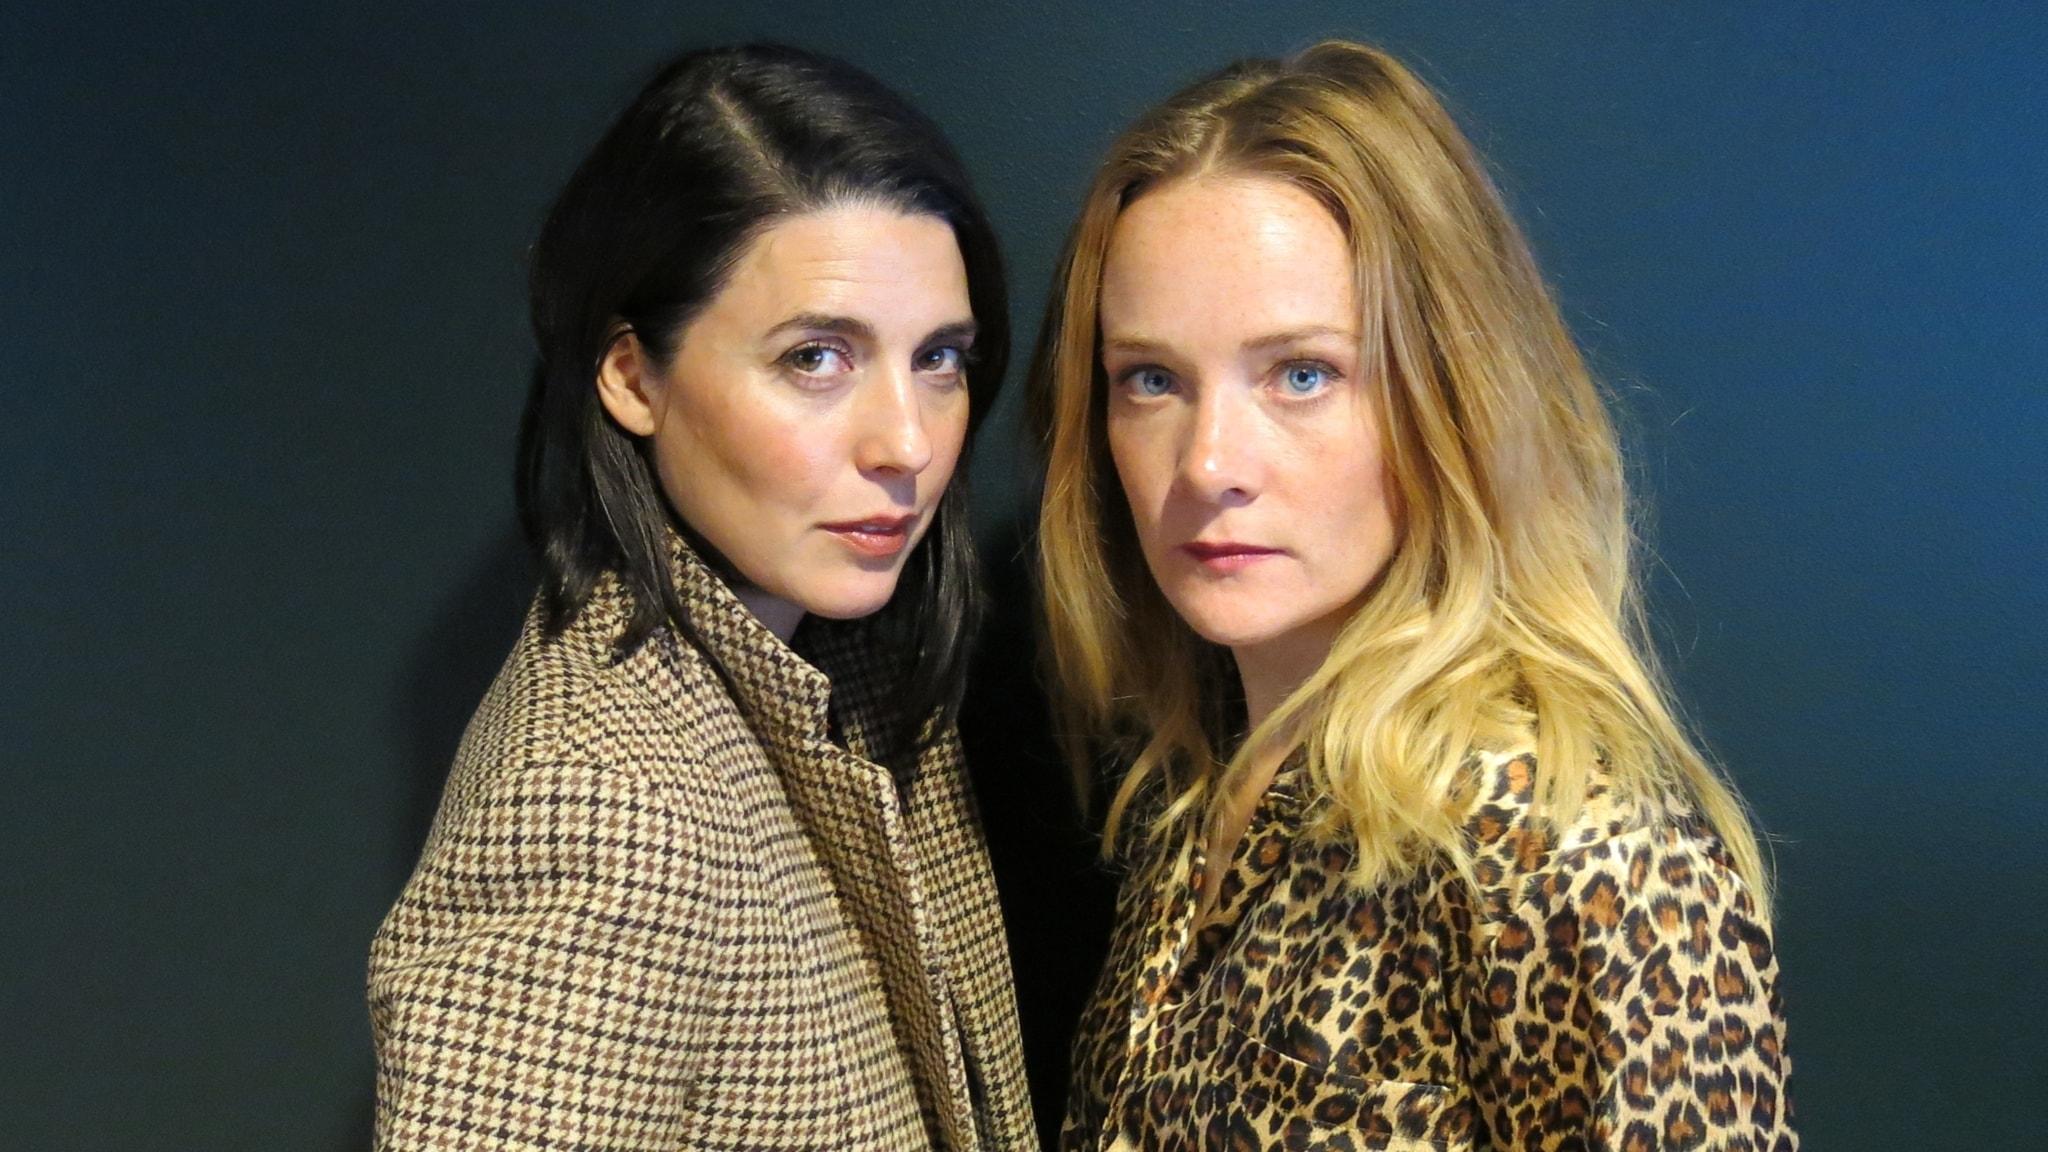 Elena Ferrantes romansvit blir pjäs på Stockholms Stadsteater, Bob Dylans skilsmässoplatta blir film och Pink kommer till Stockholm i vår.